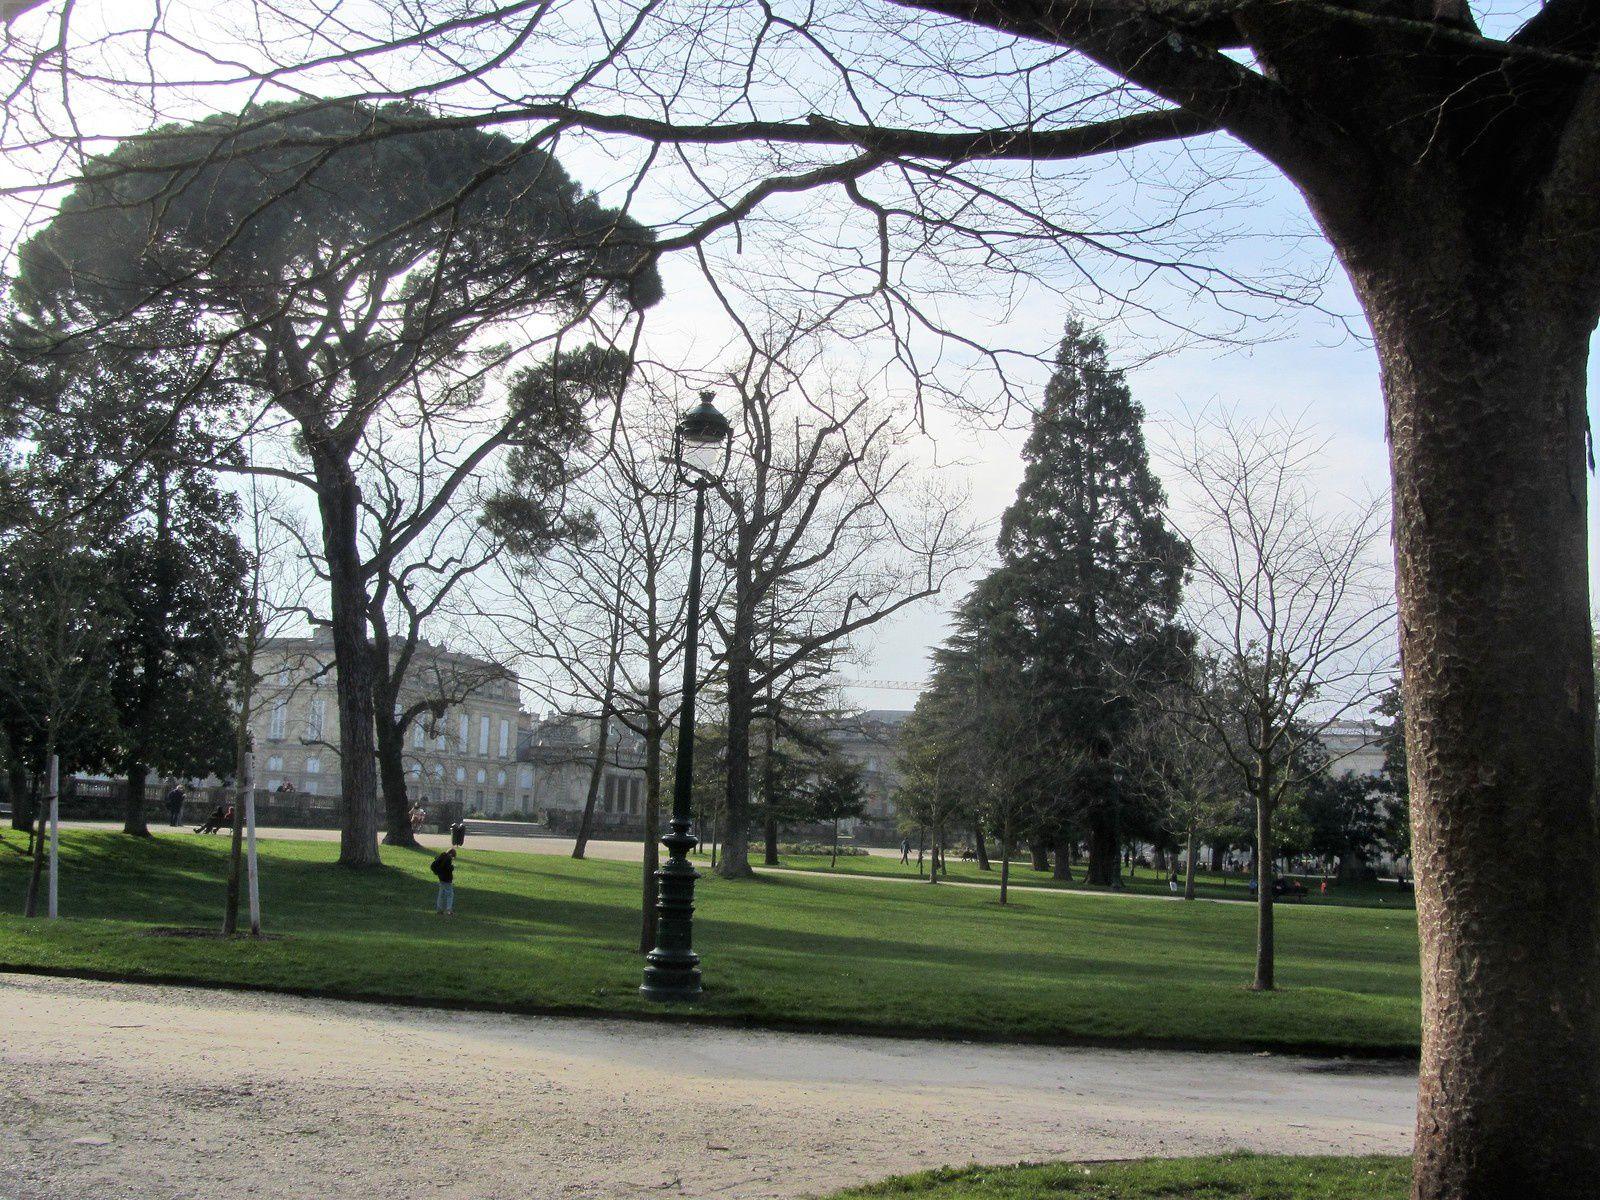 Le jardin public est un lieu de promenade,certes, mais il peut aussi être autre chose...